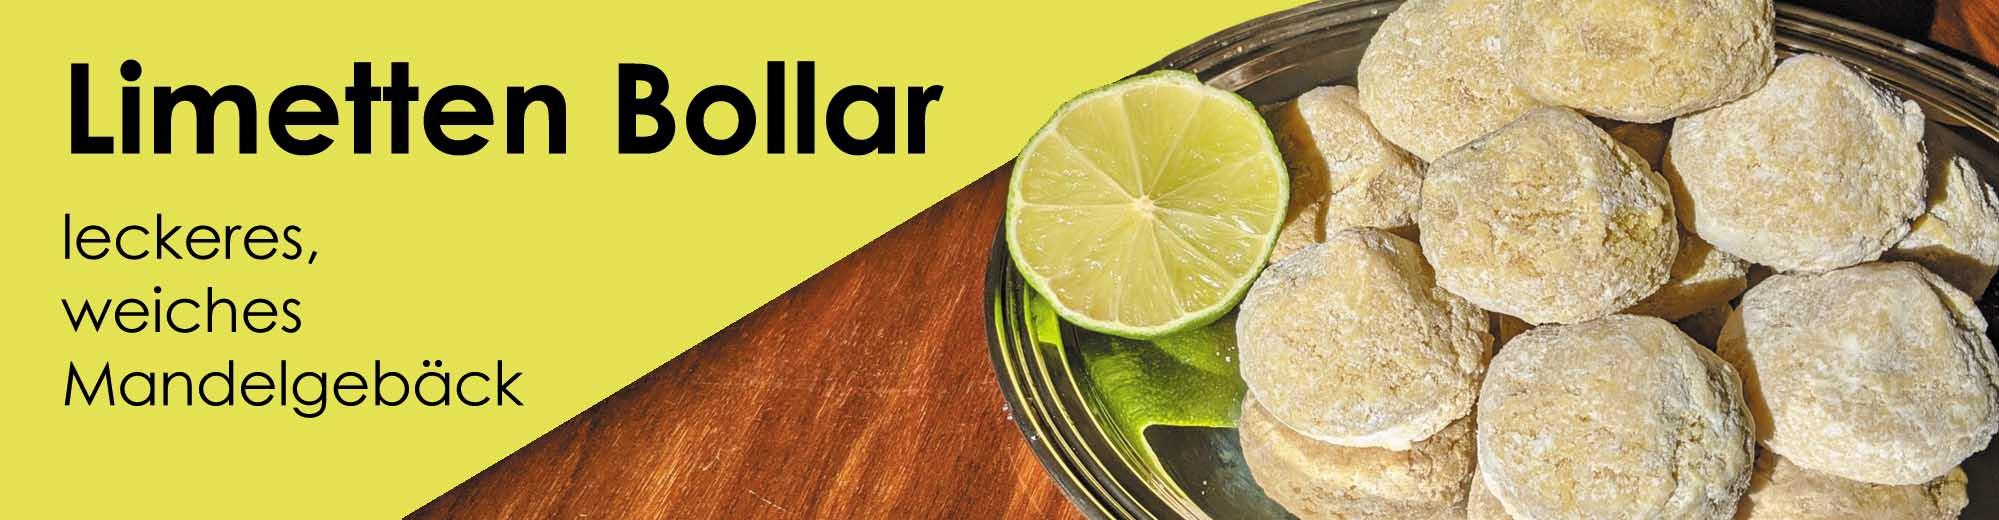 Mandelgebäck - Limetten Bollar